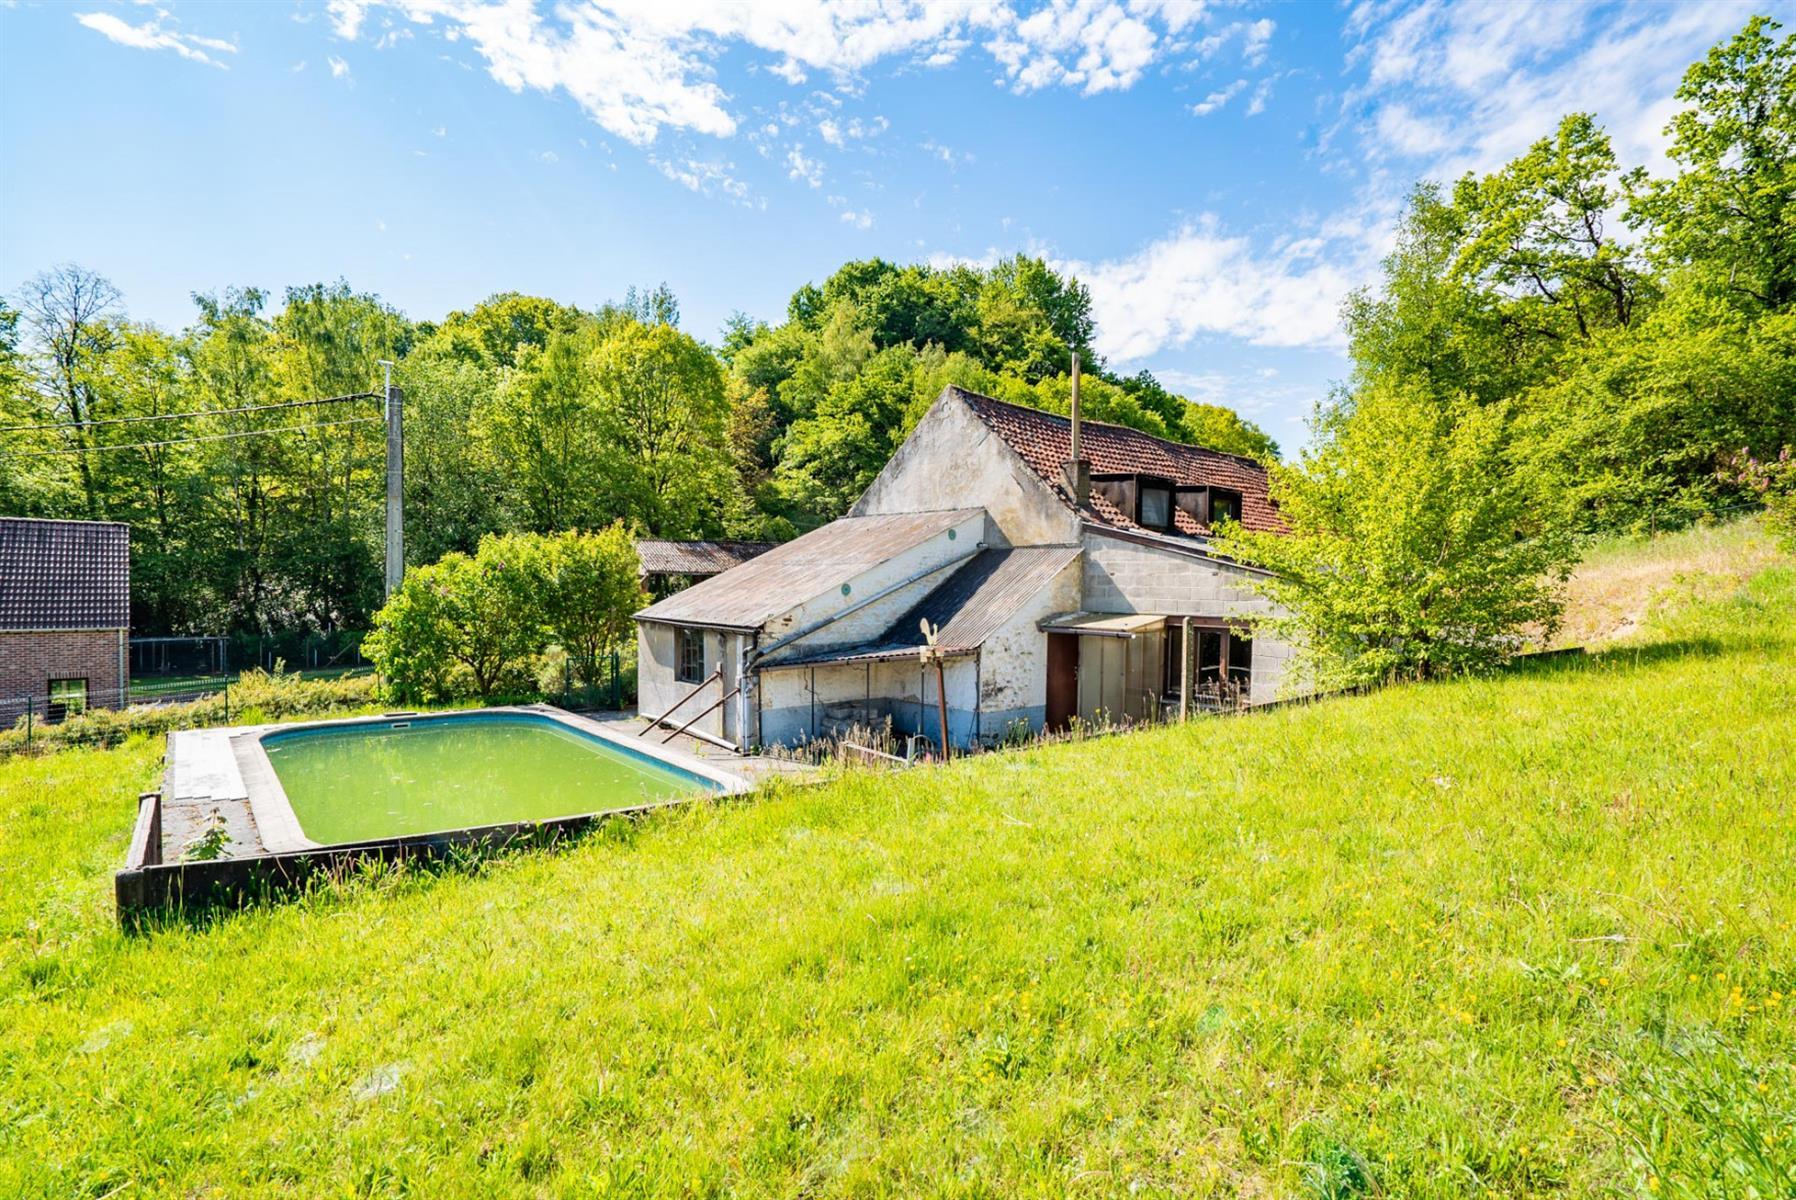 Maison - Chaumont-Gistoux - #3849419-14